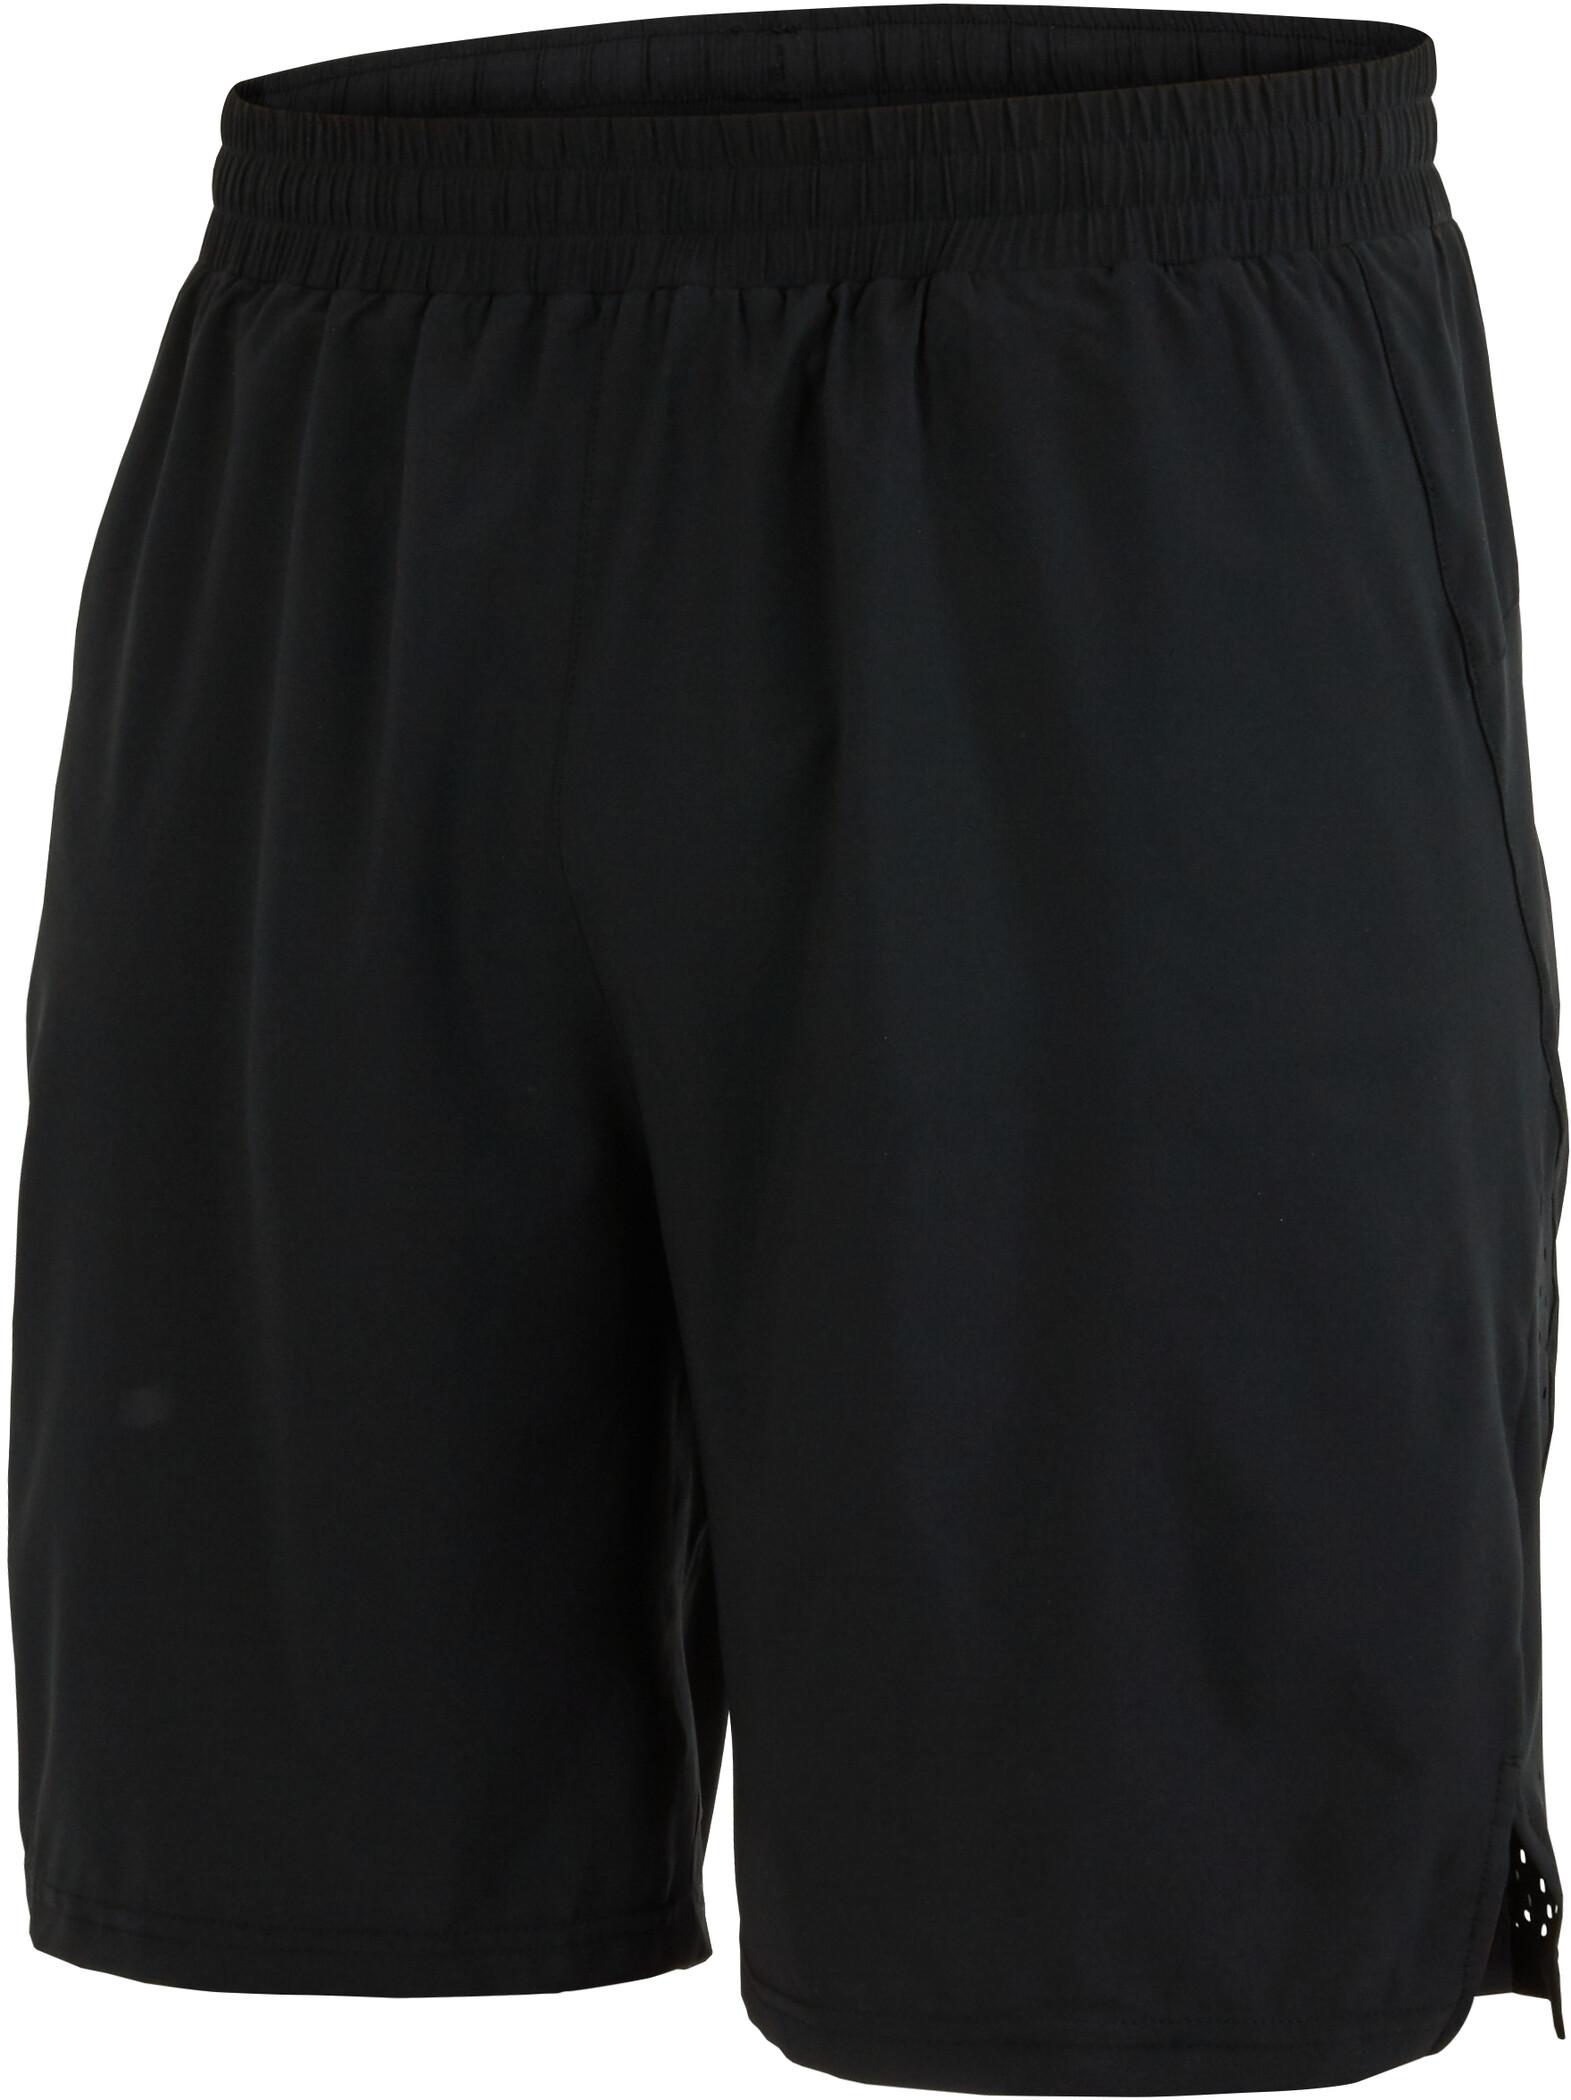 Salming Runner Shorts Herrer, black (2019) | Trousers